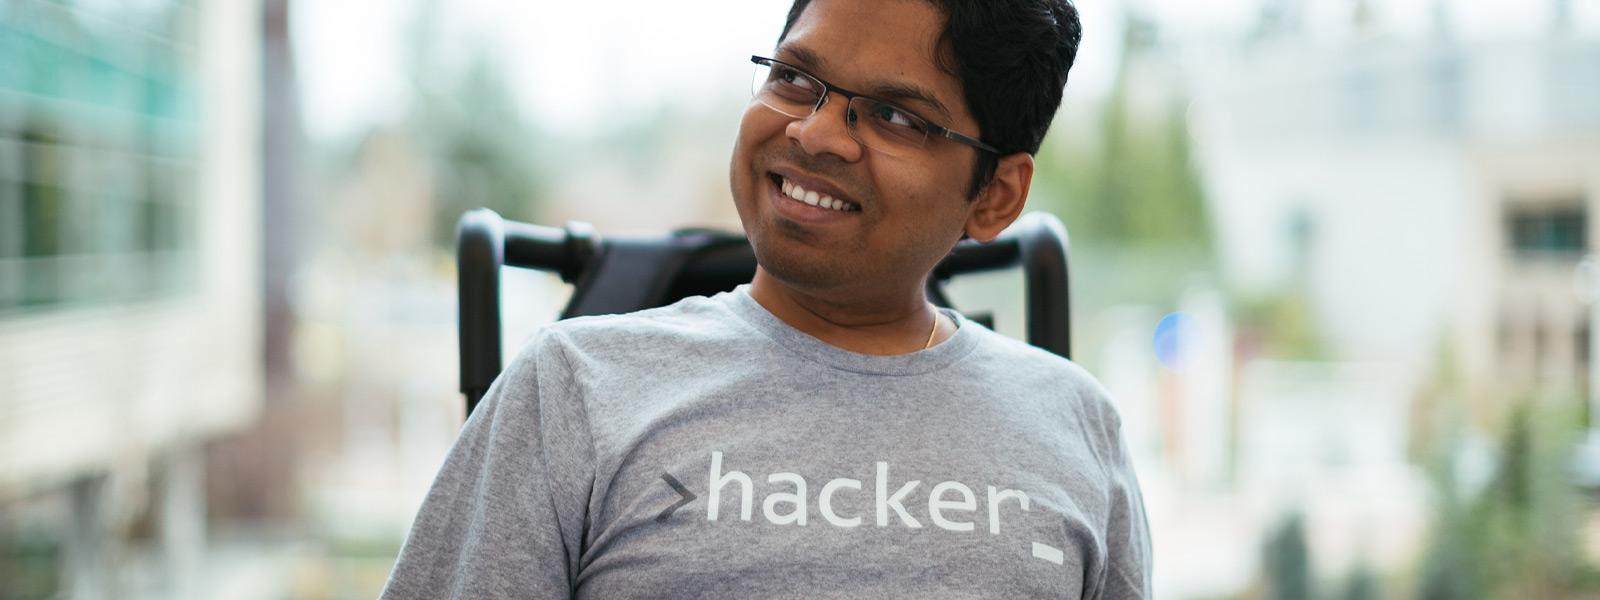 휠체어에 앉아 웃고 있는 남성